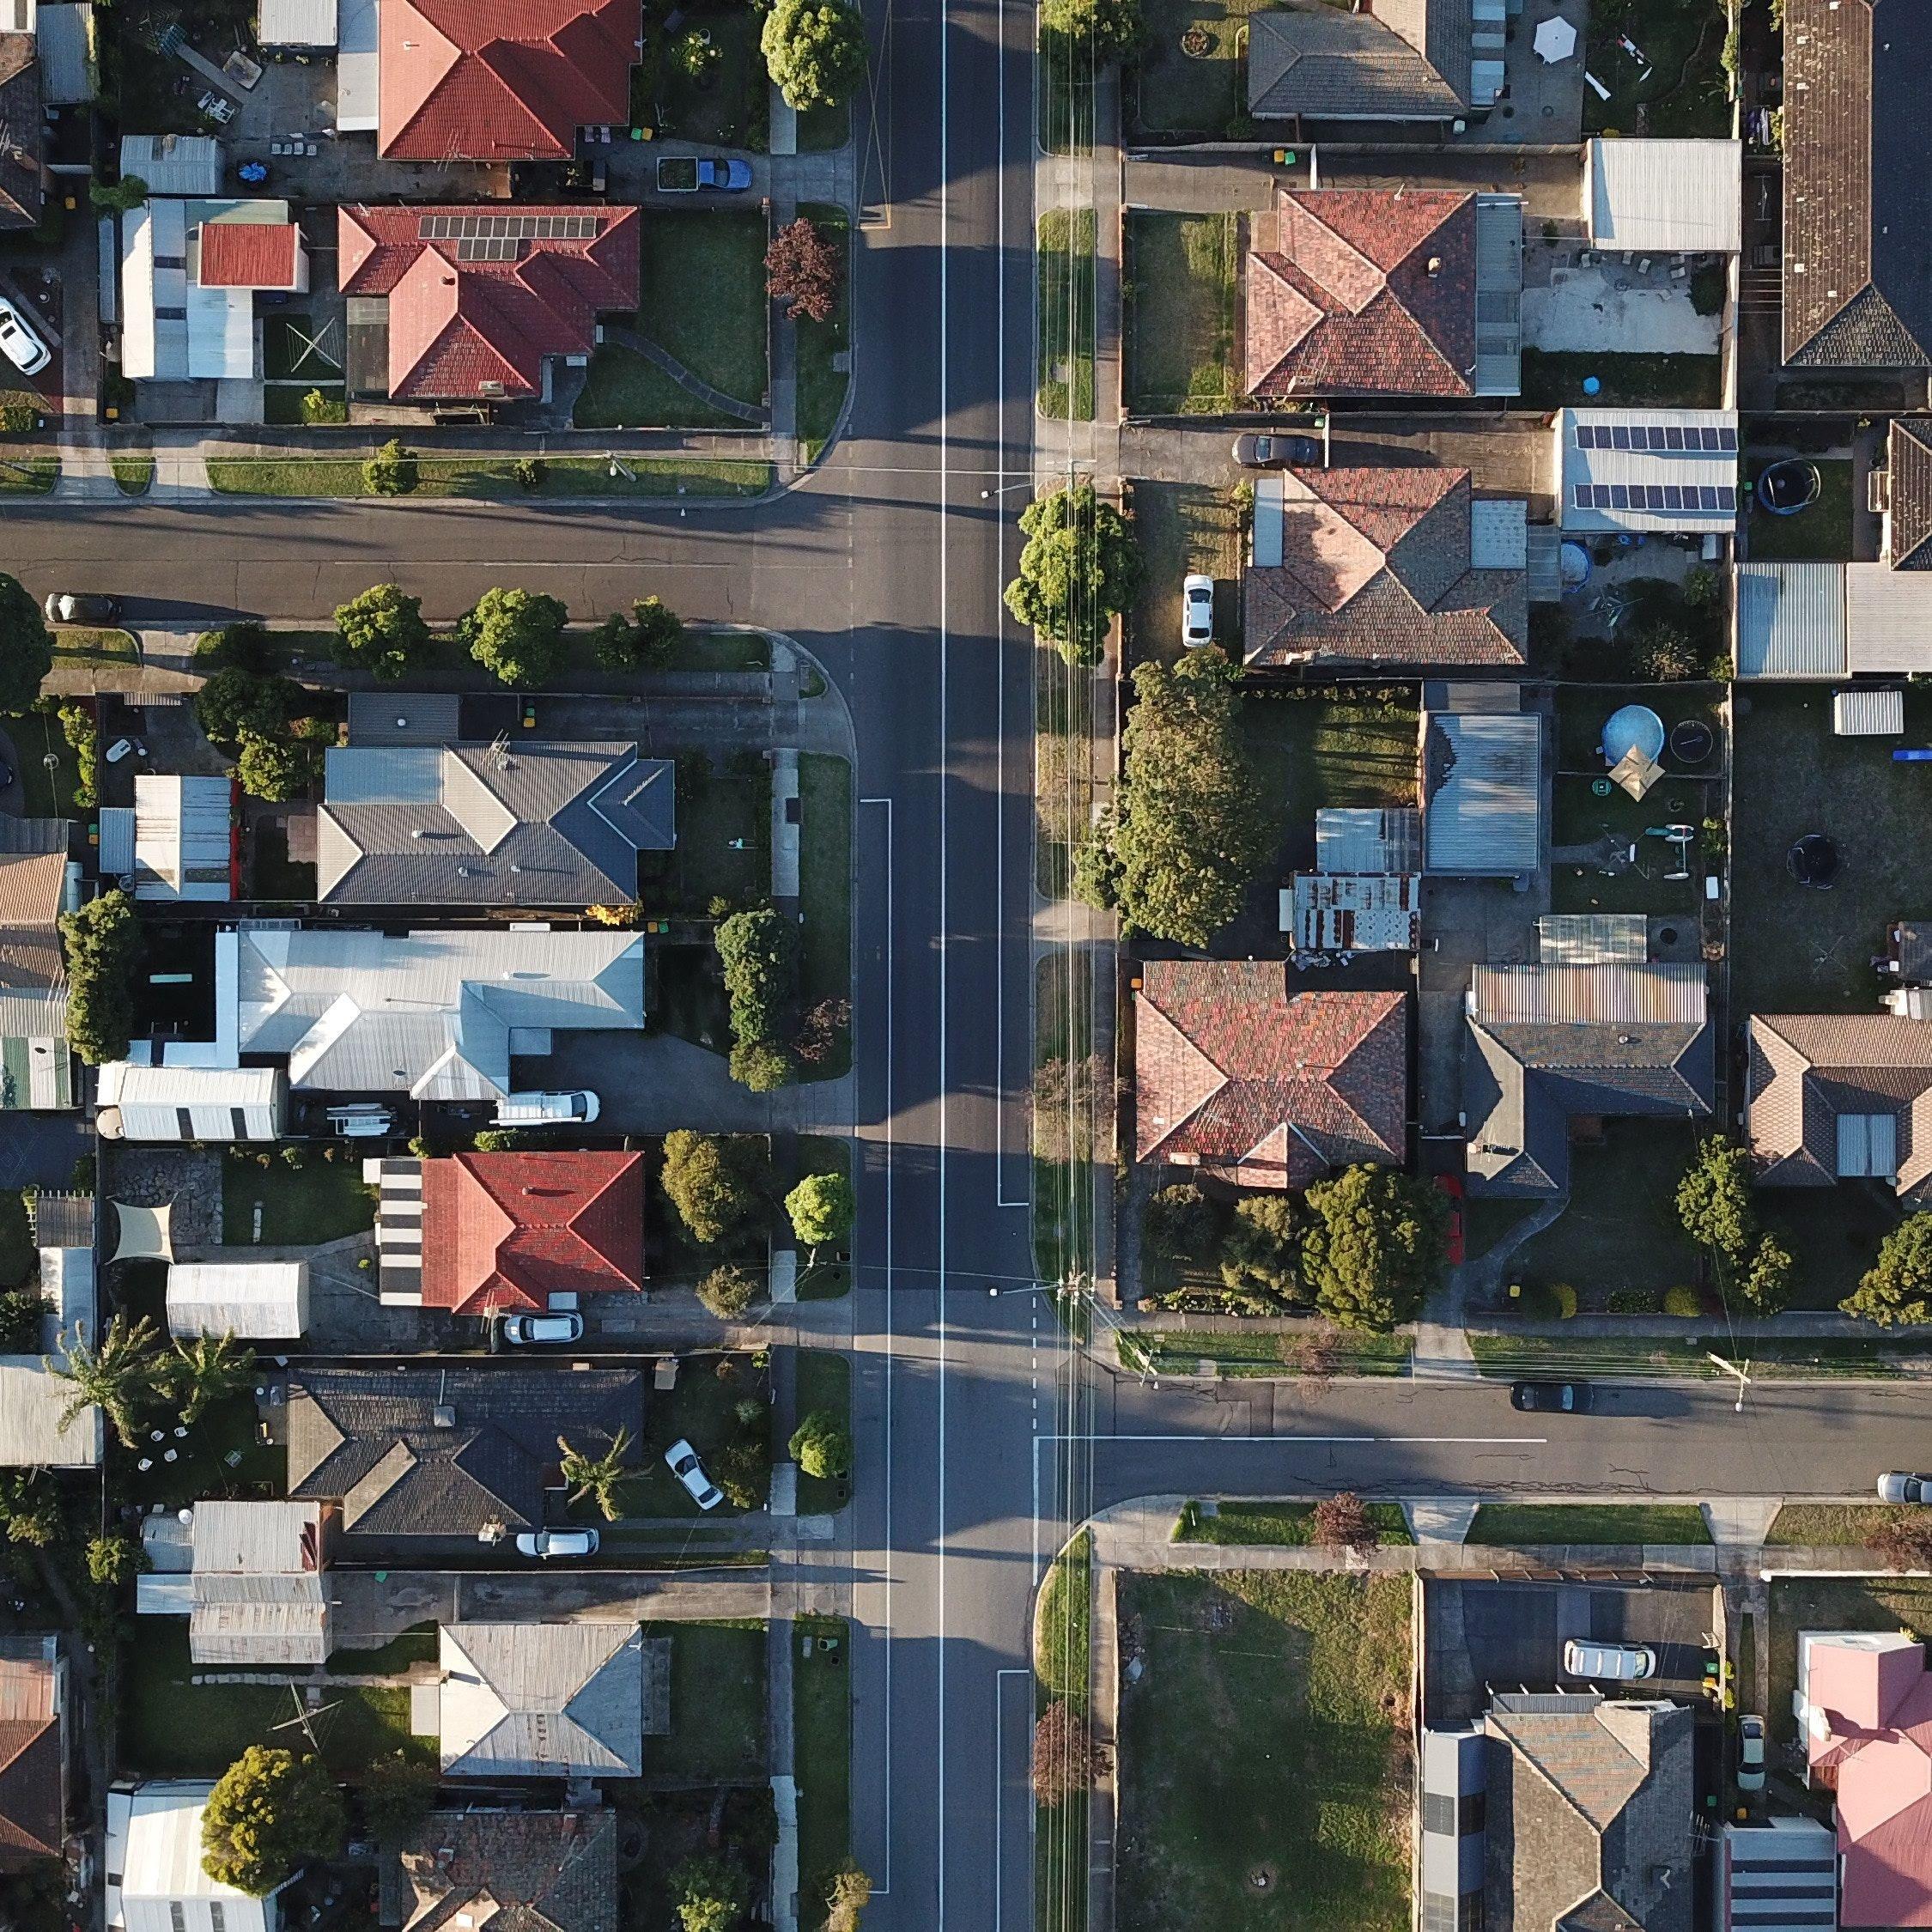 ABCD Neighborhood